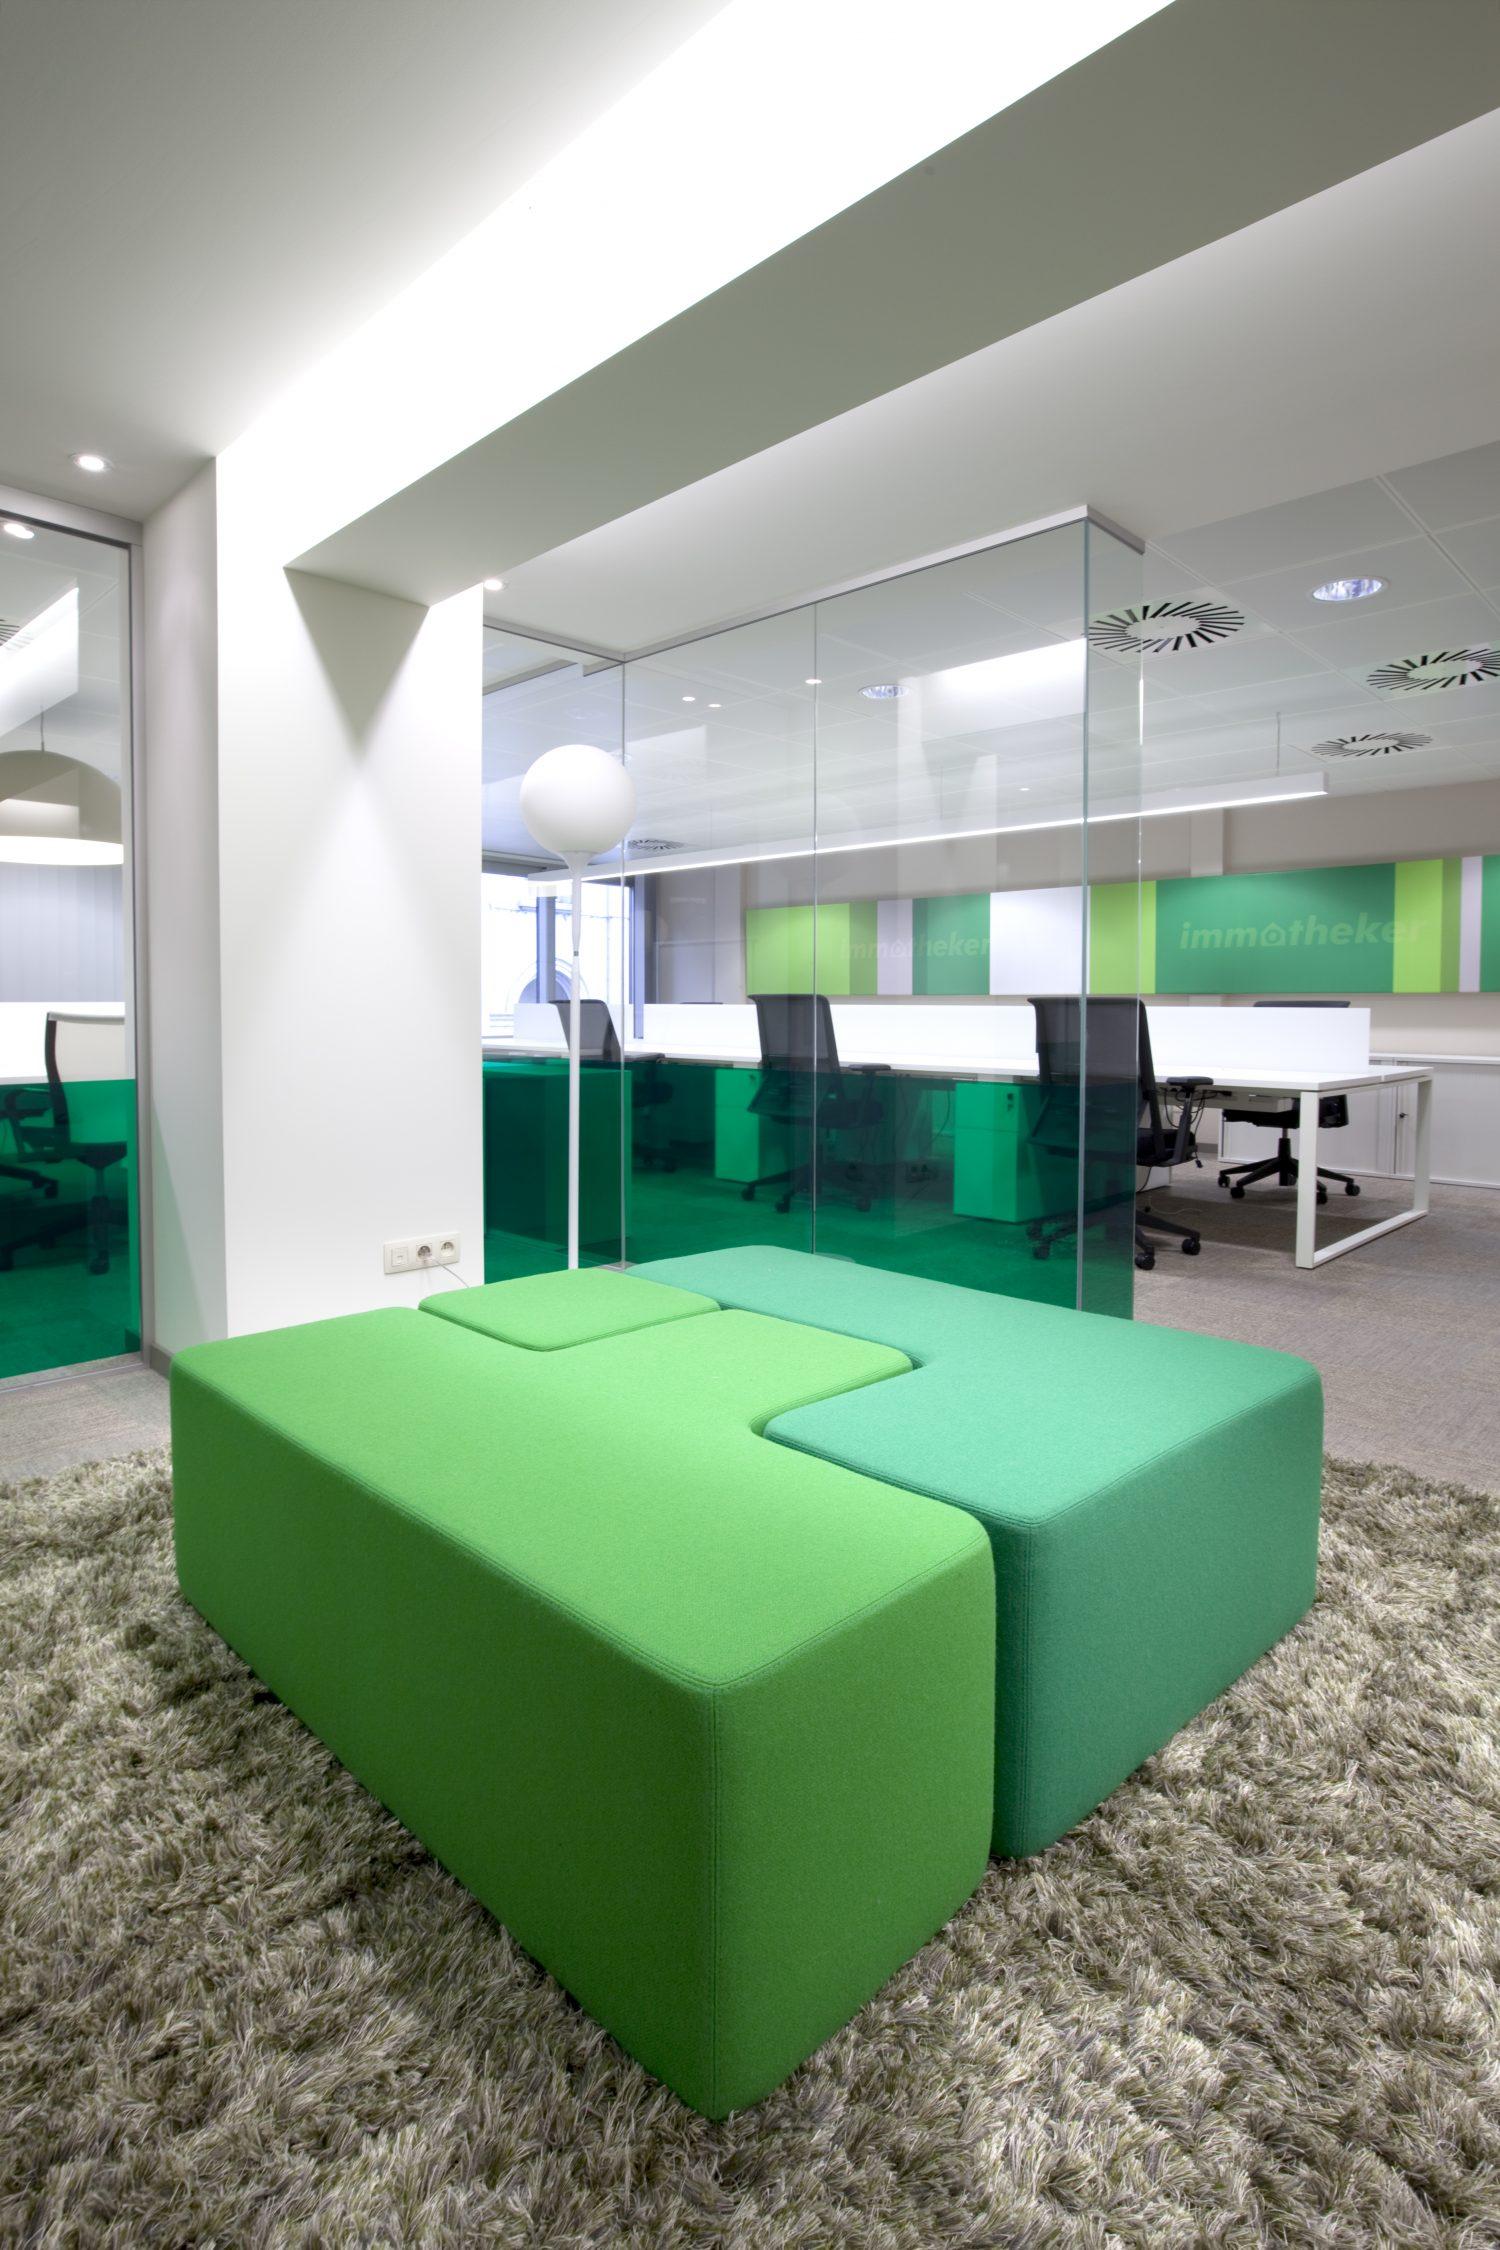 groen tapijt, groene zeteltjes bijeengeschoven, witte pilaar